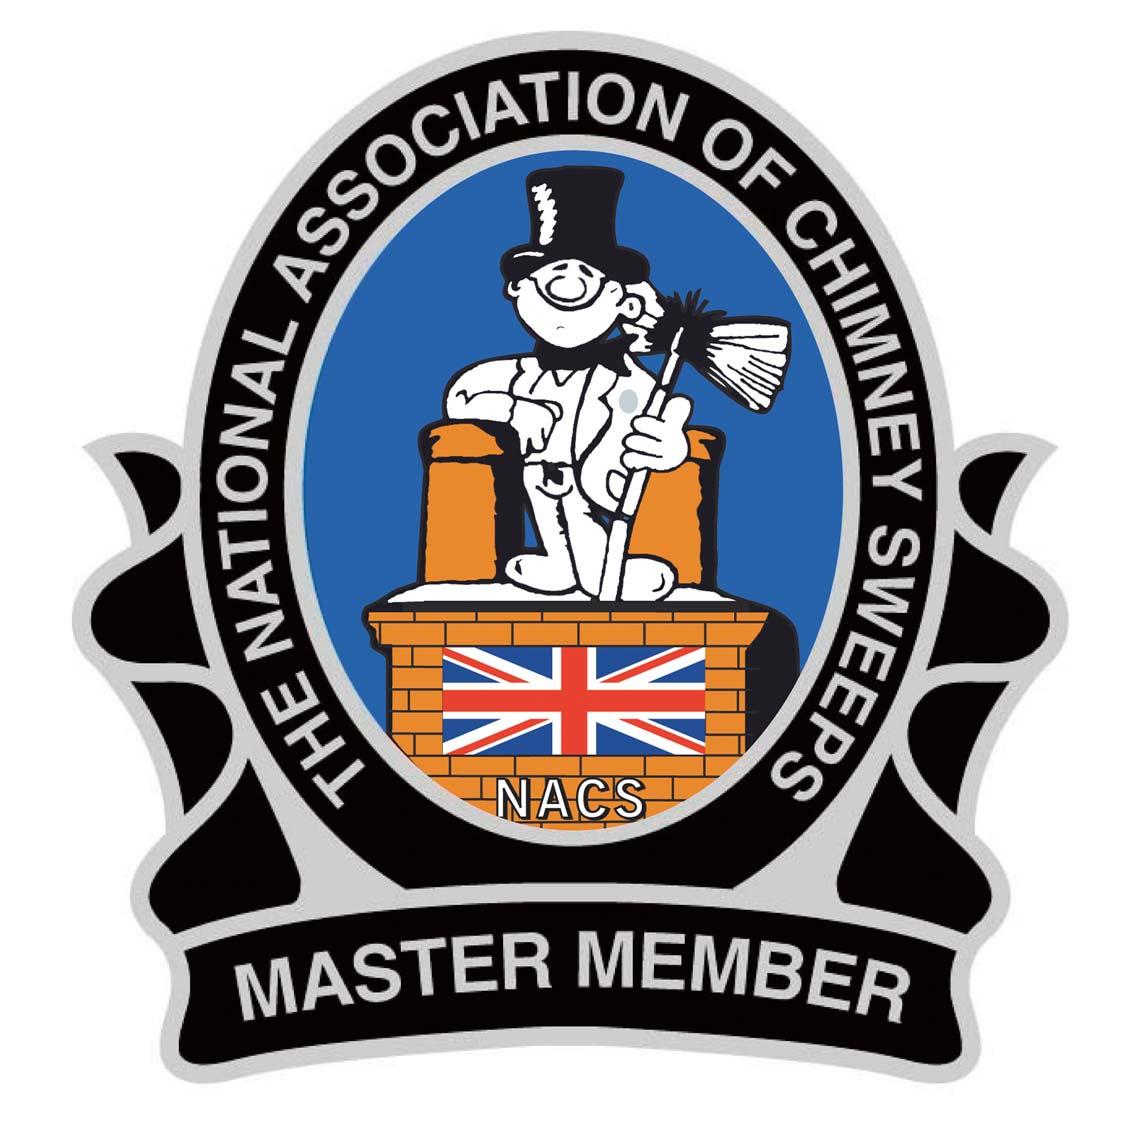 Master Member